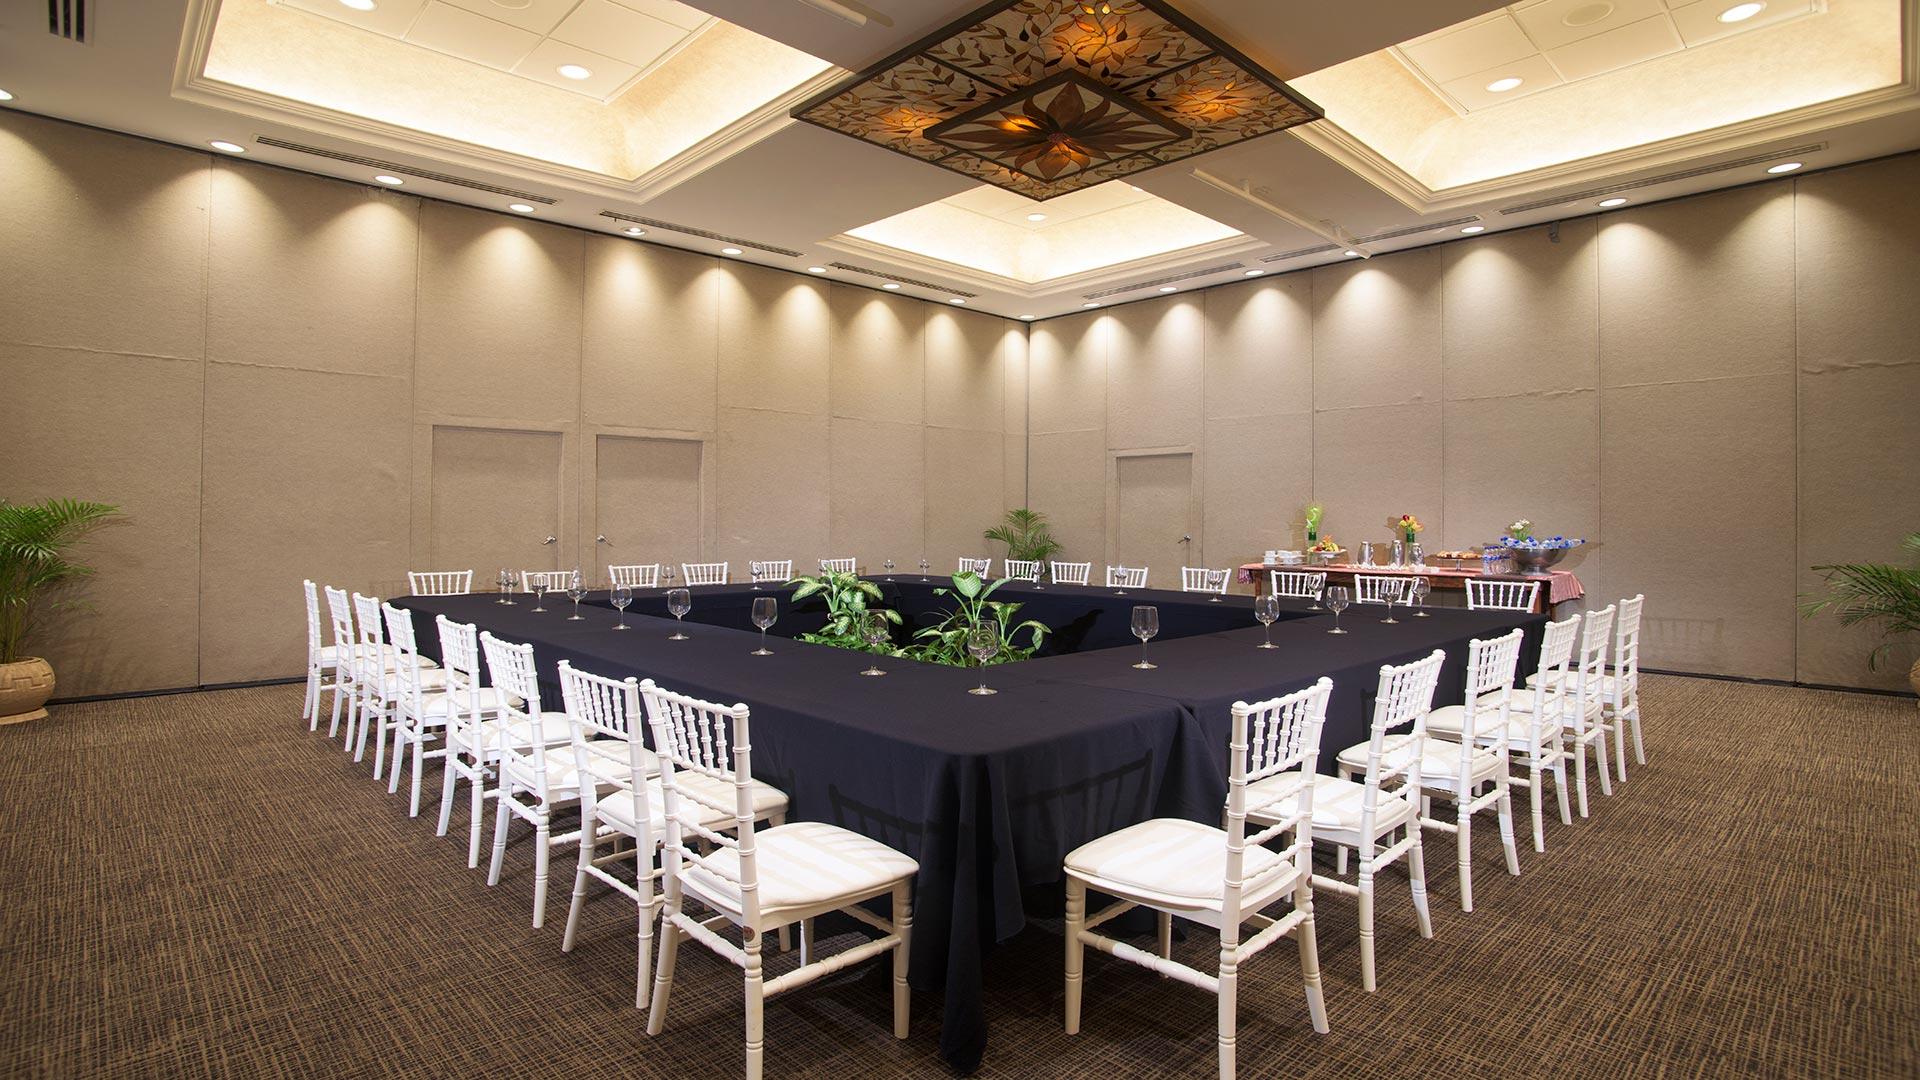 Villa la estancia riviera nayarit meeting facilities 7